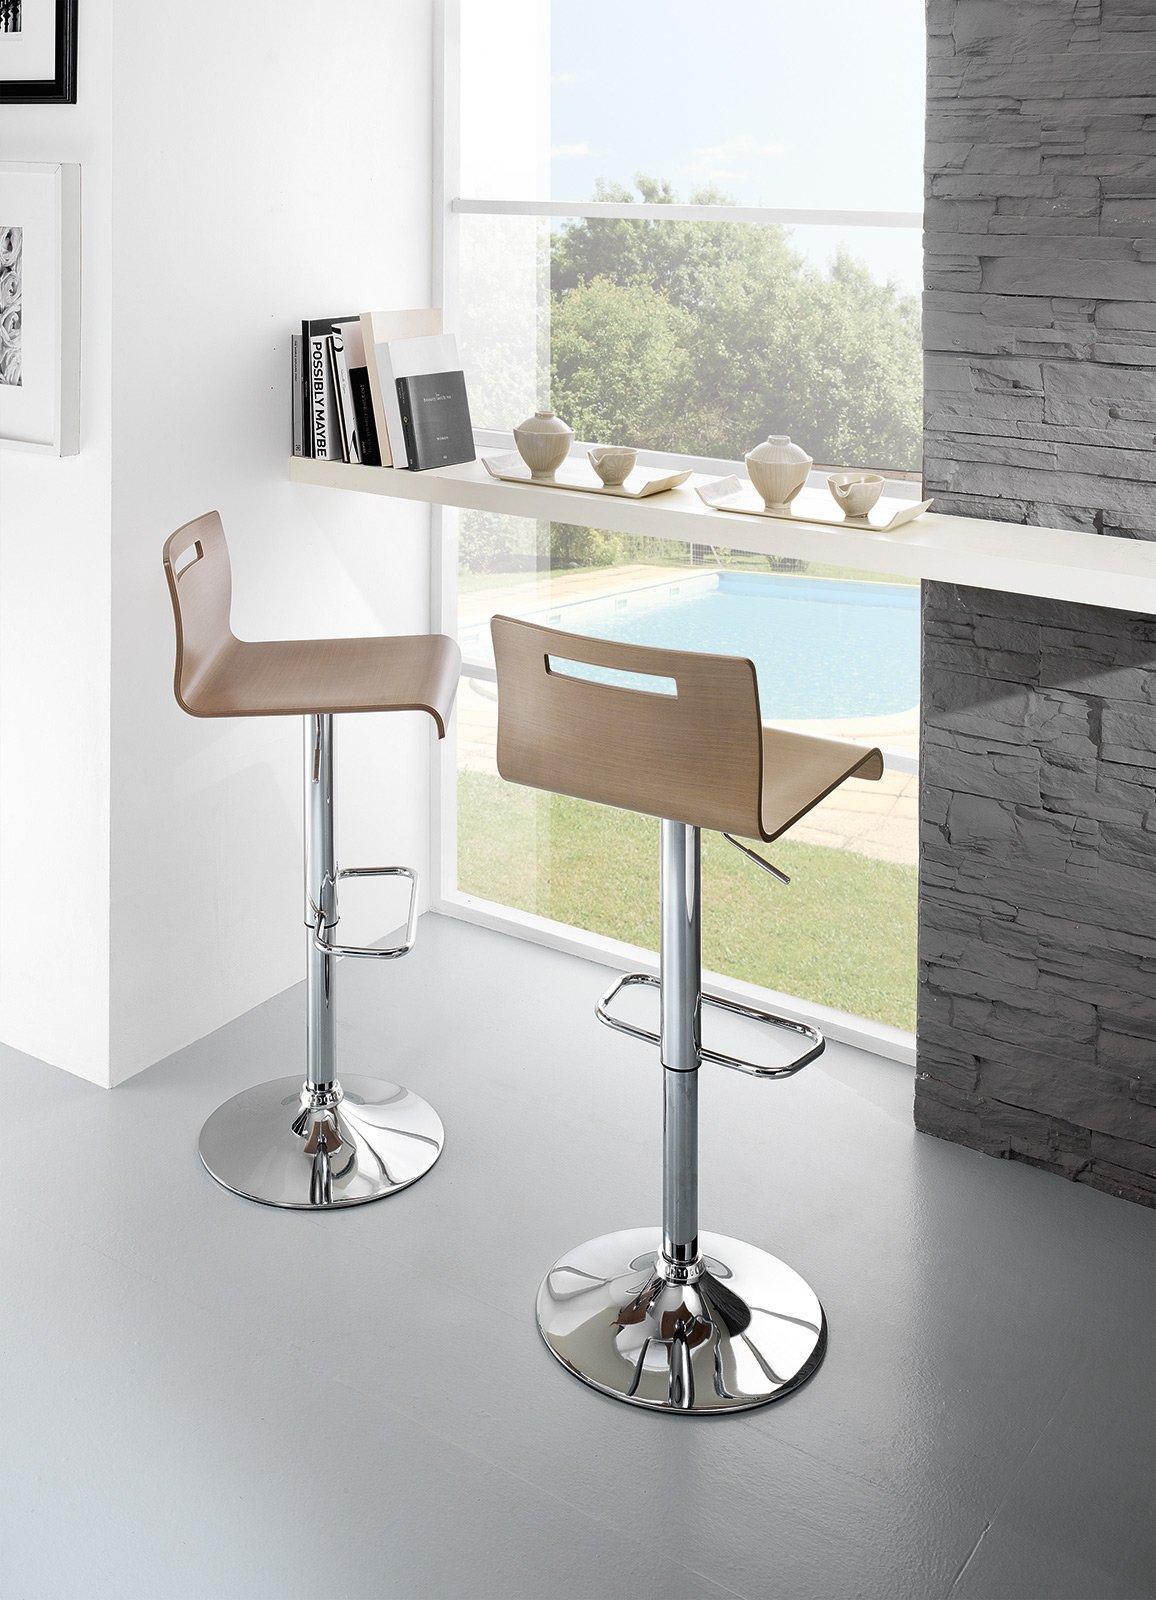 Sgabelli scegli il tuo stile cose di casa - Sgabelli in legno per cucina ...